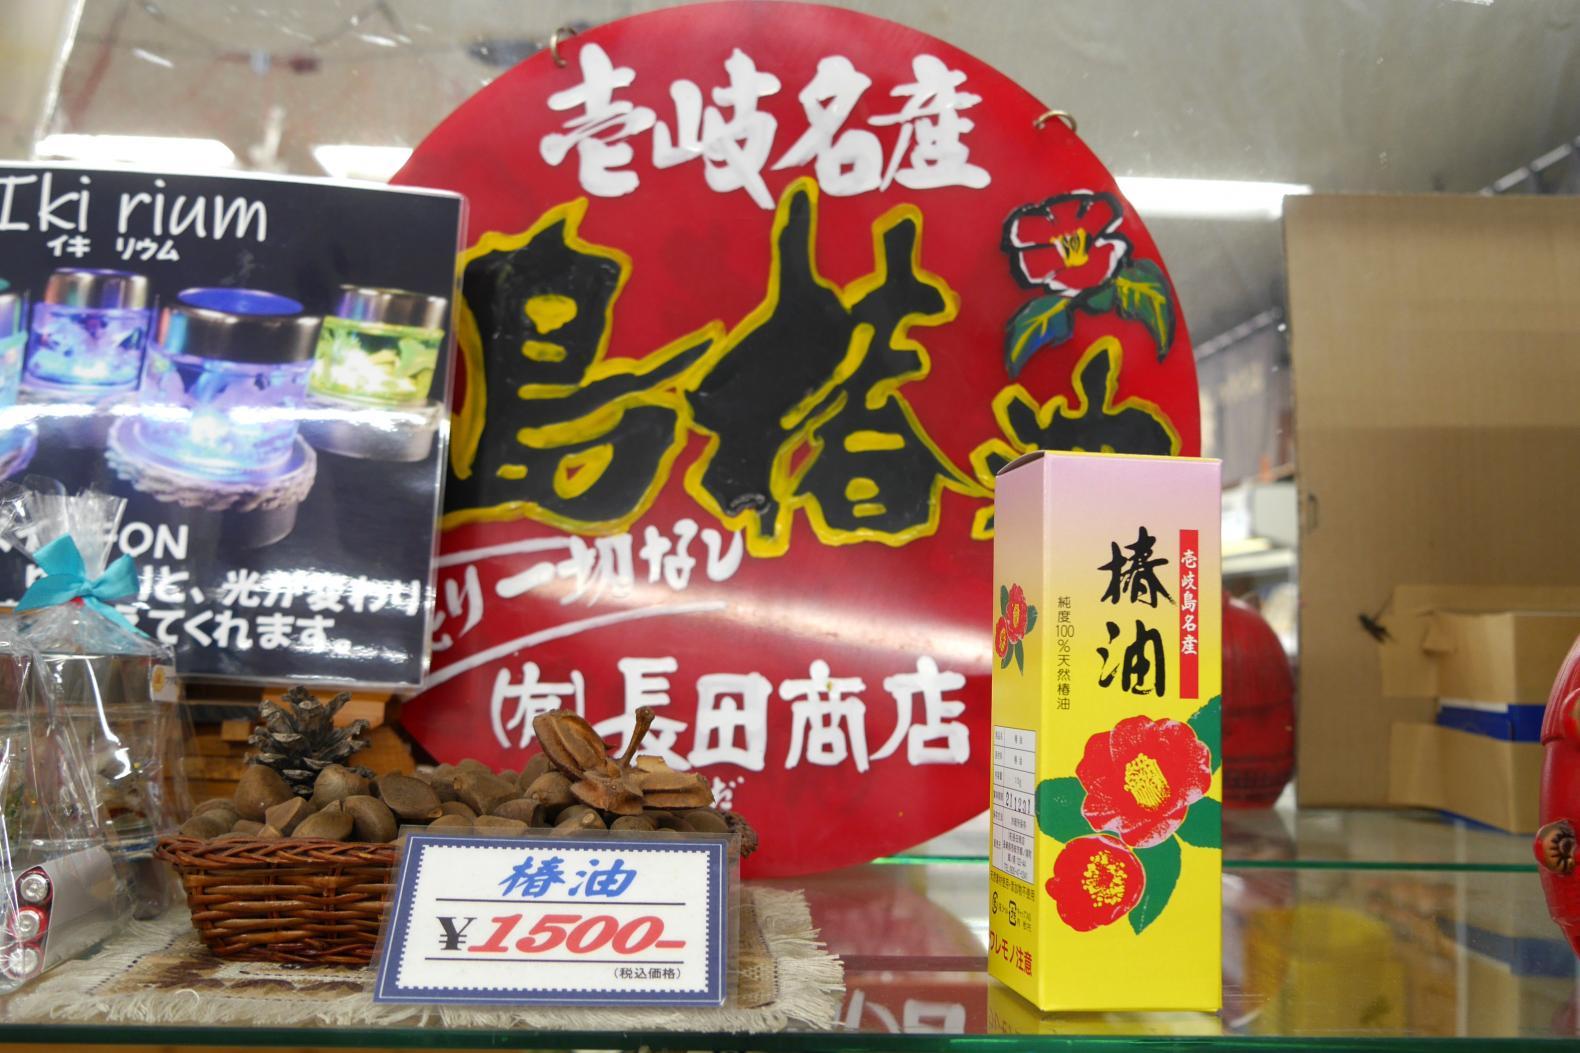 長田商店オリジナル商品も充実の製造元直営店-6